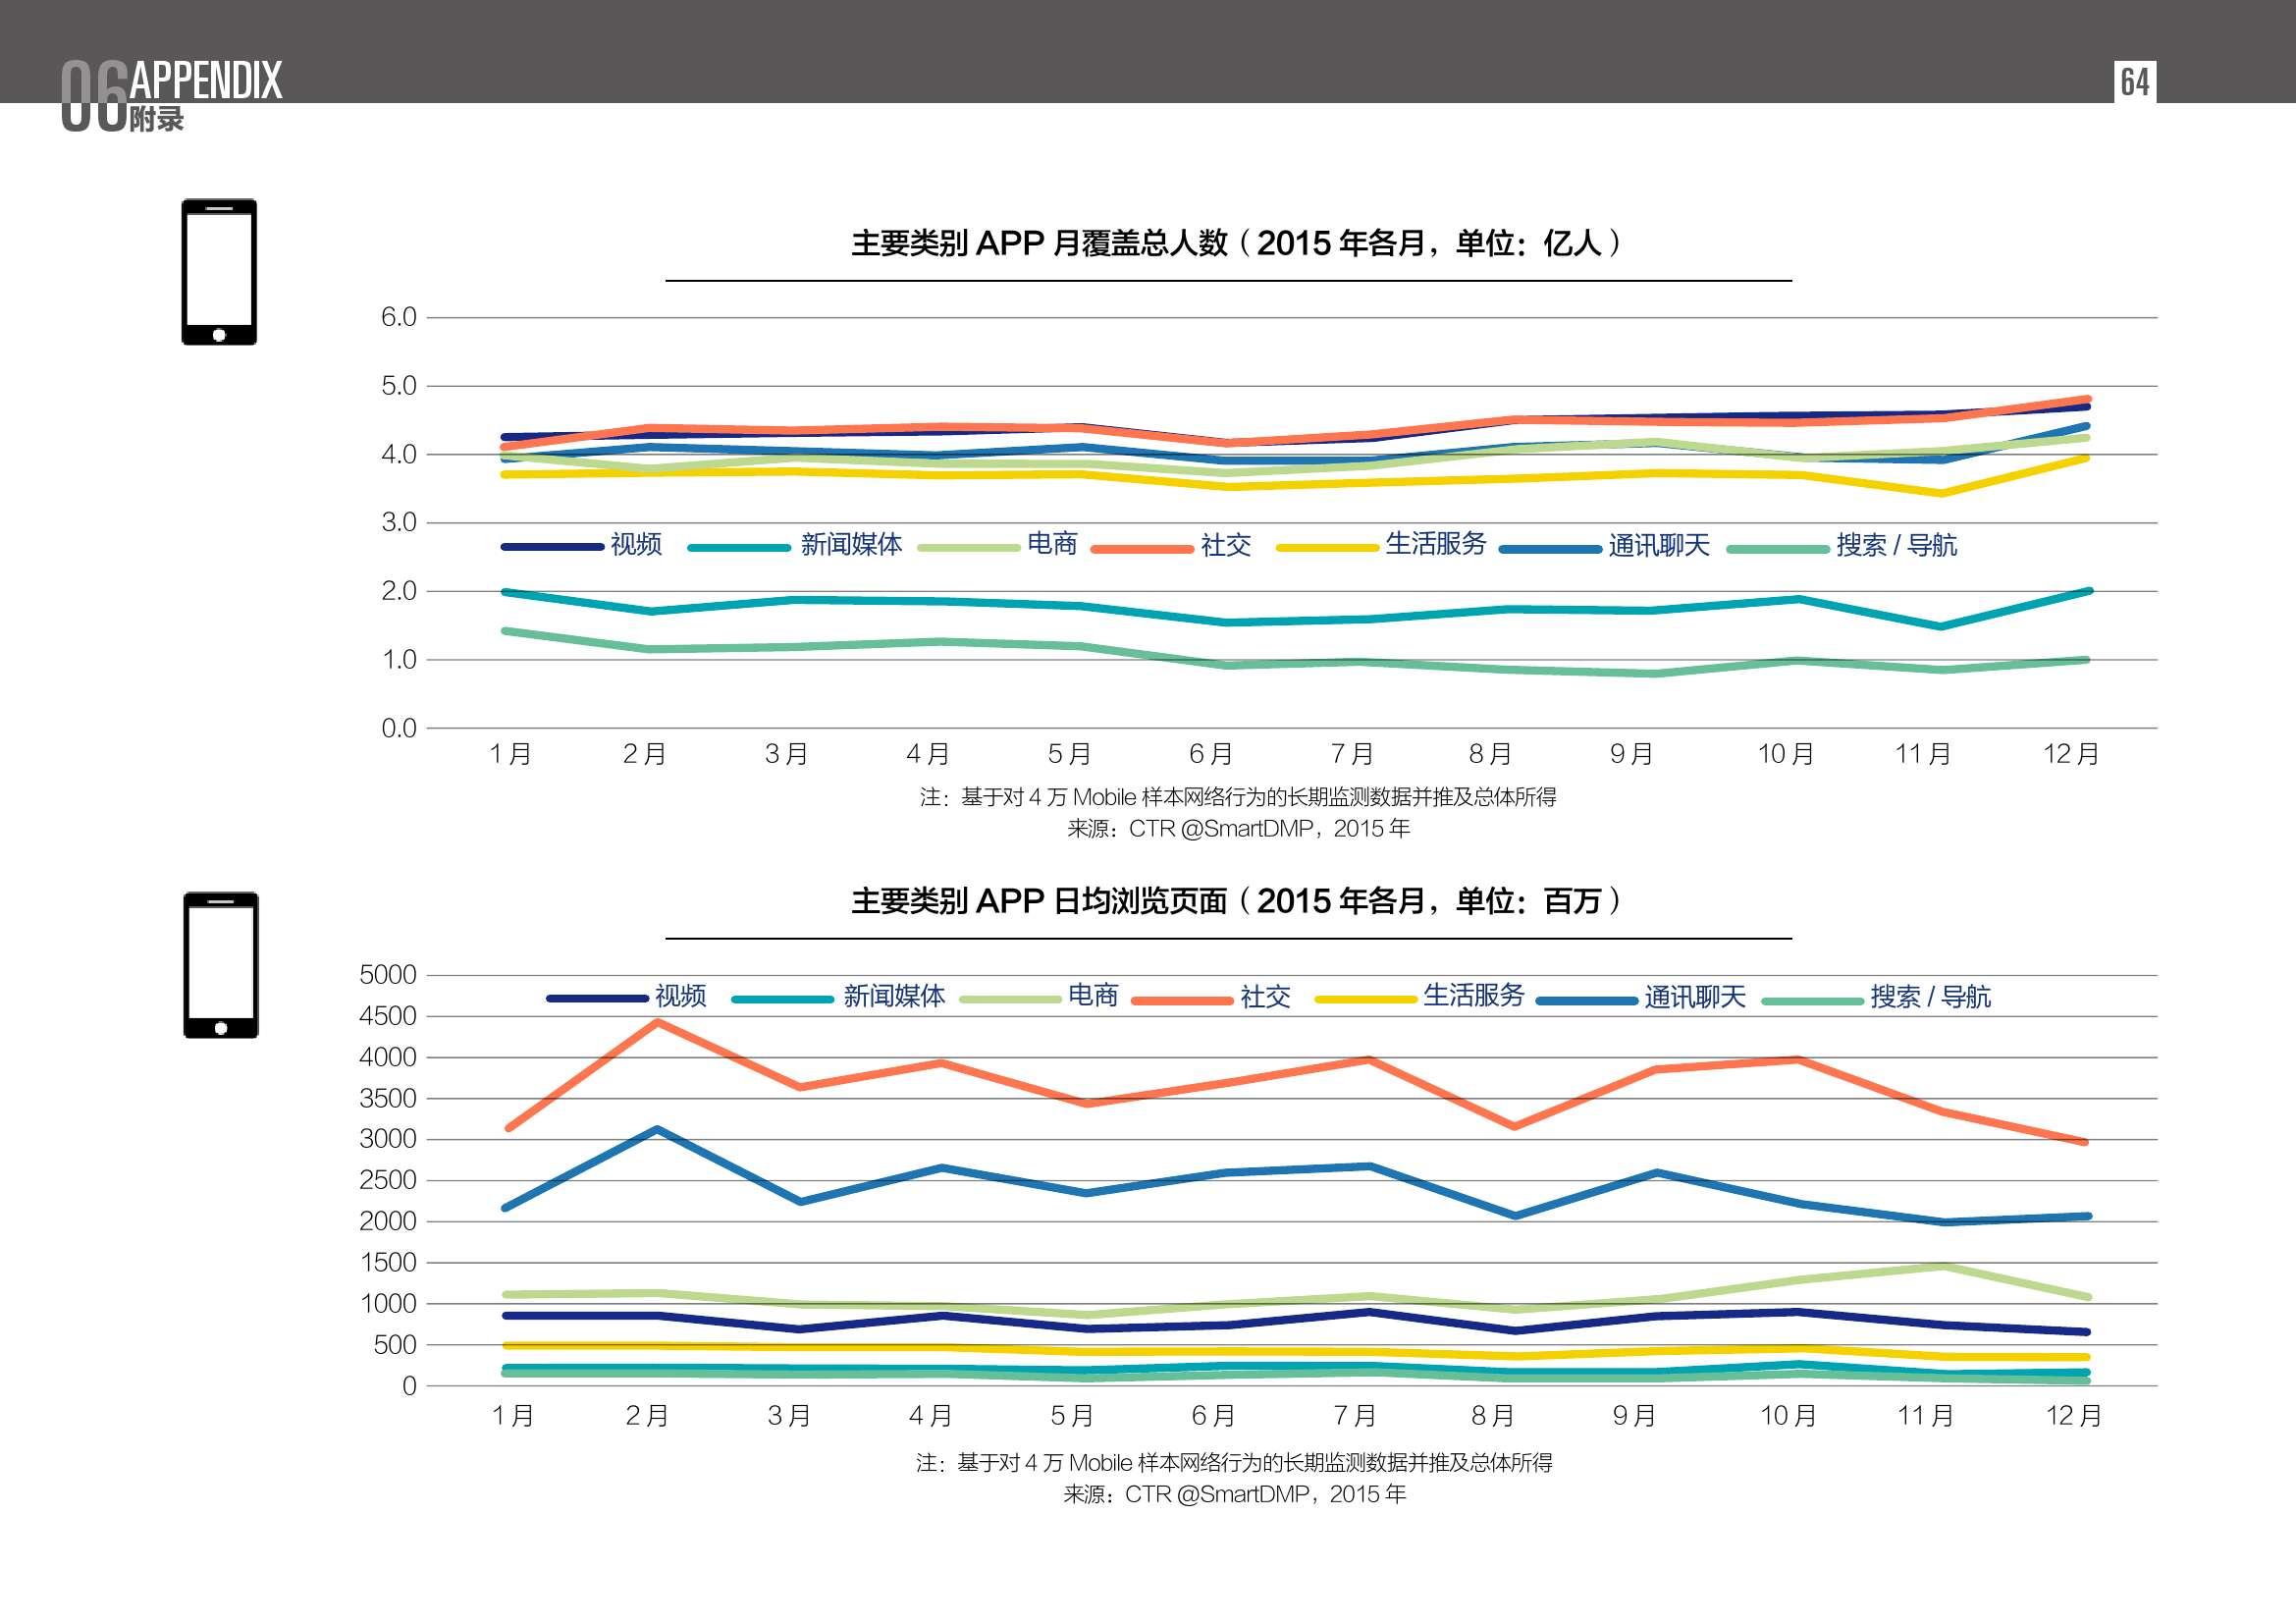 2016中国数字营销行动报告_000064